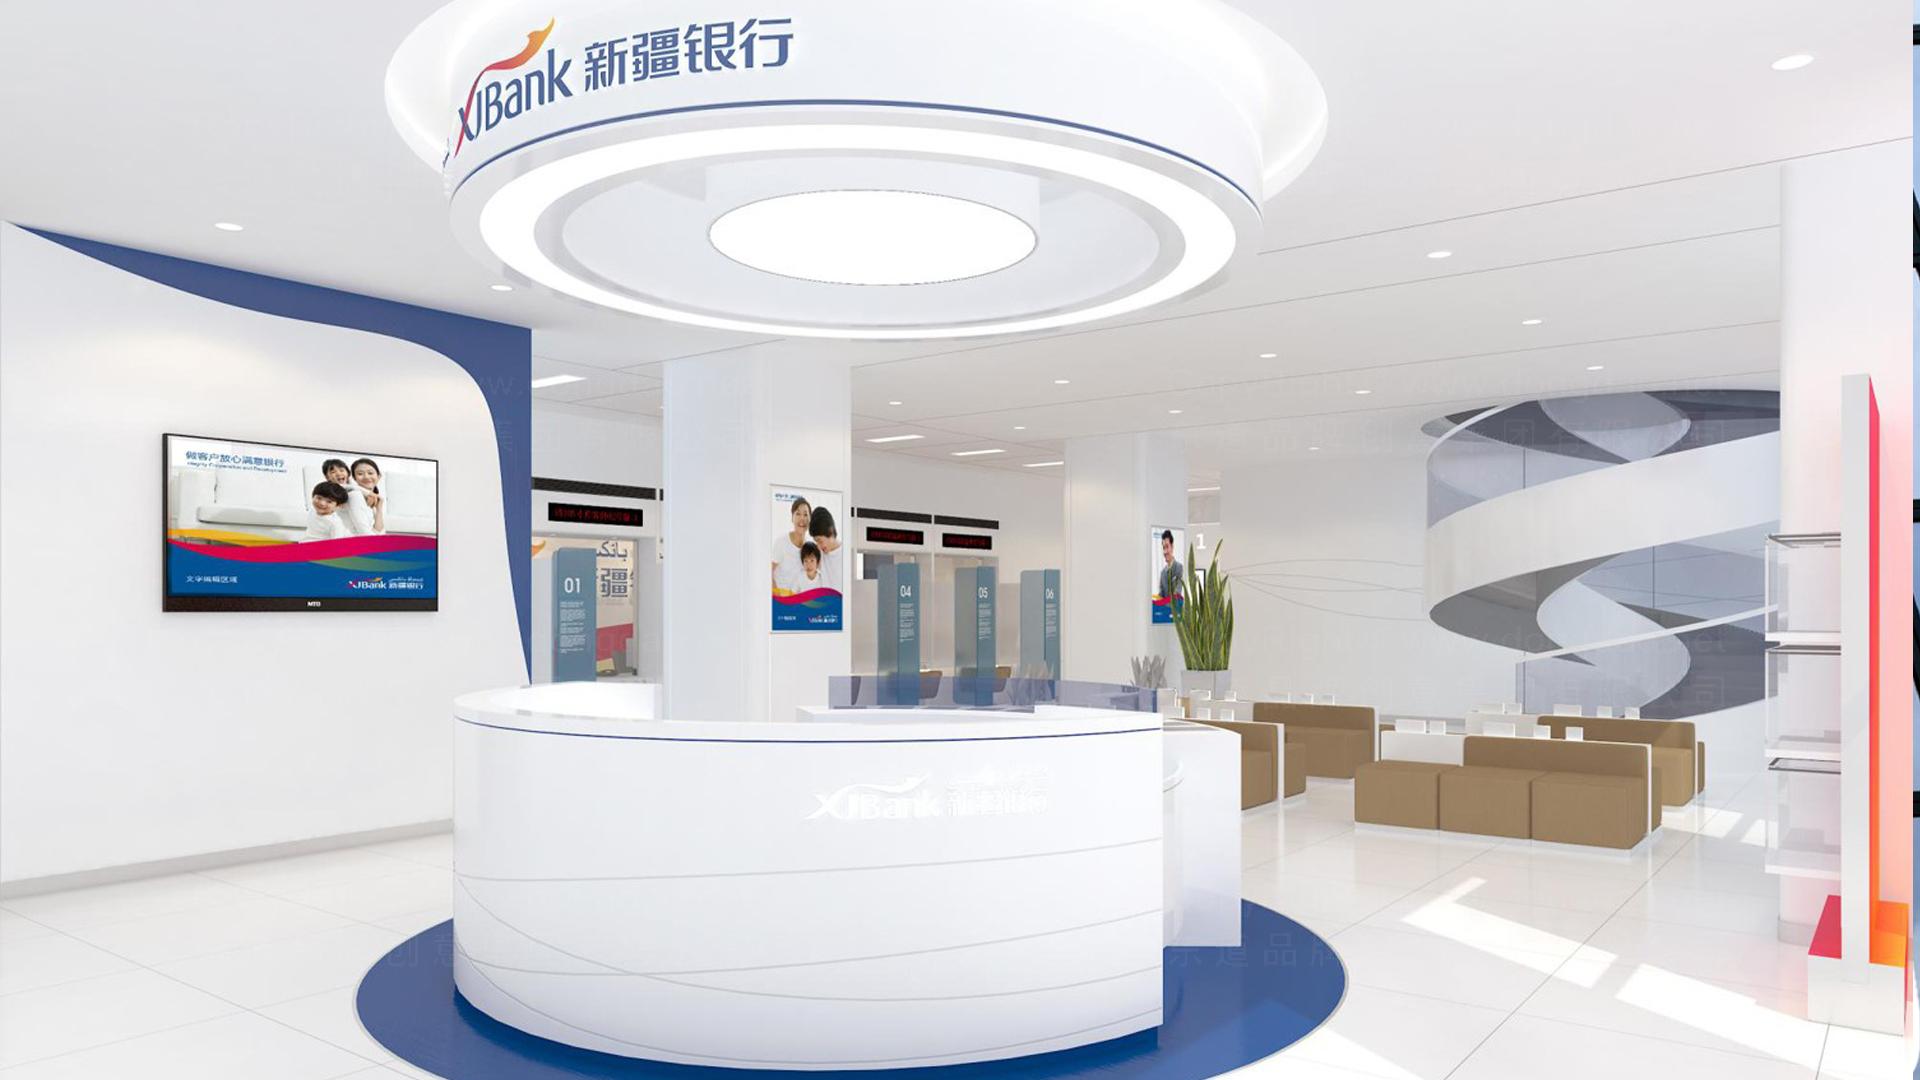 银行金融商业空间&导示新疆银行SI设计